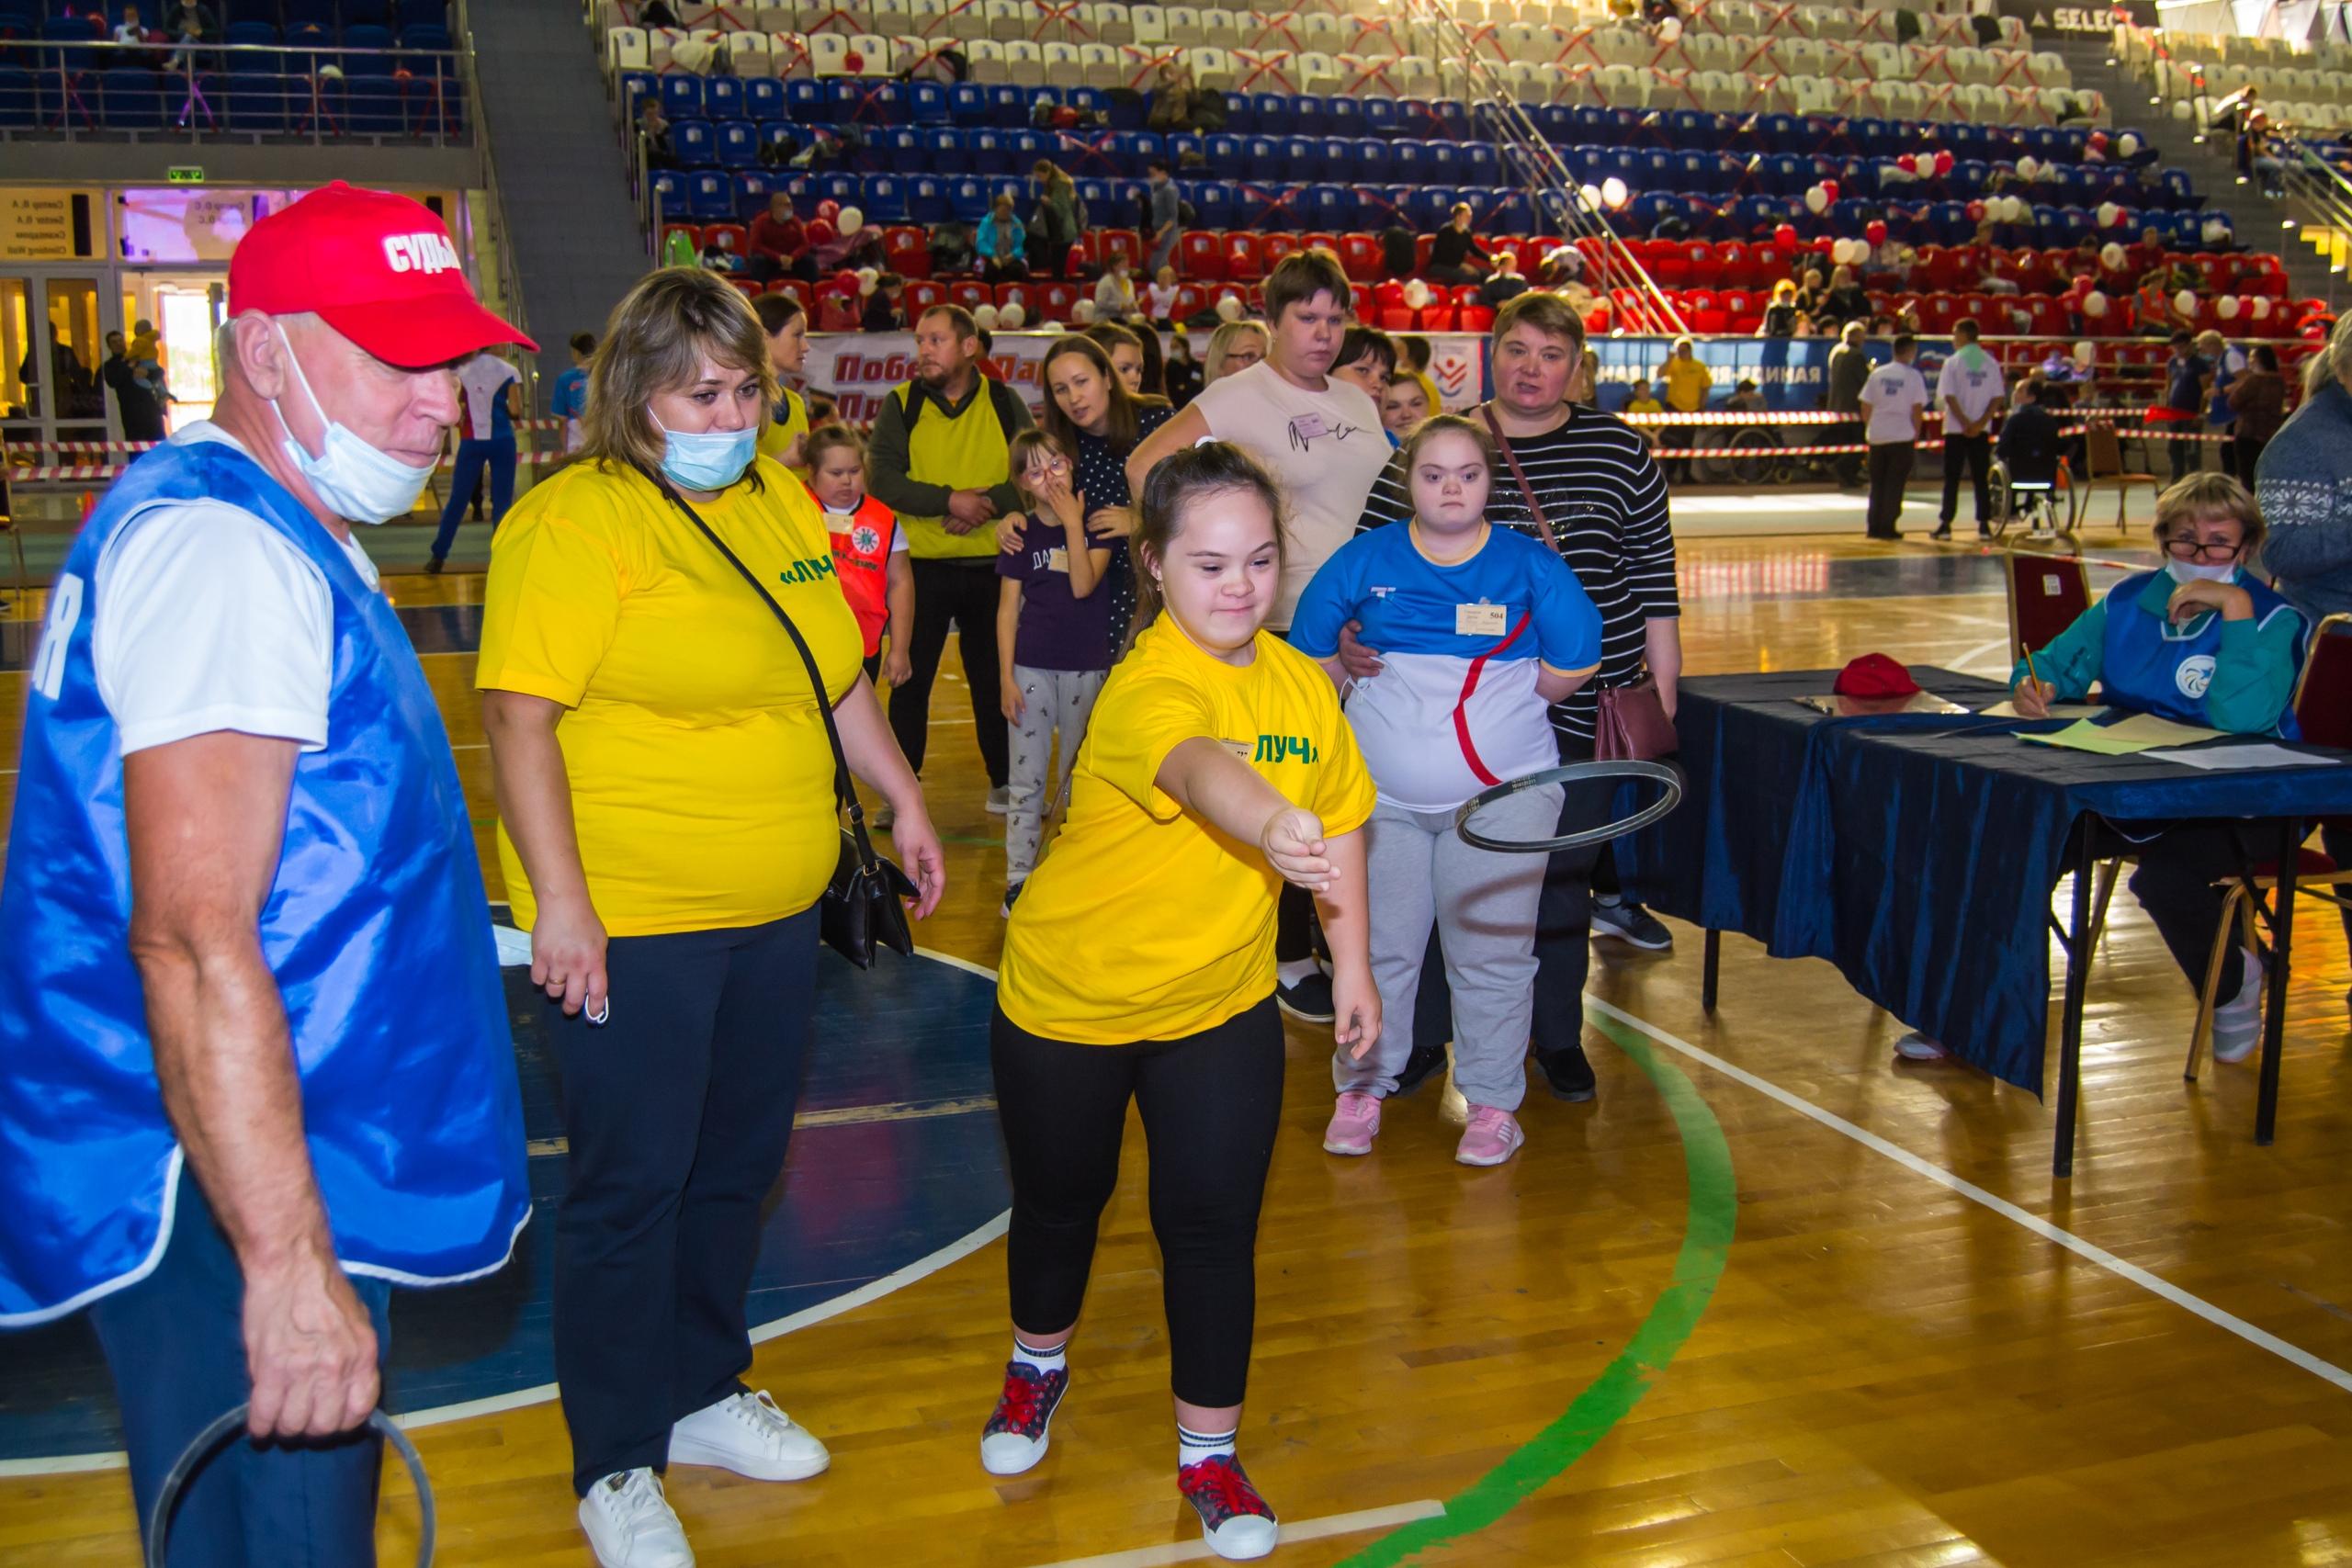 фестиваль спорта для детей-инвалидов, чайковский район, 2020 год